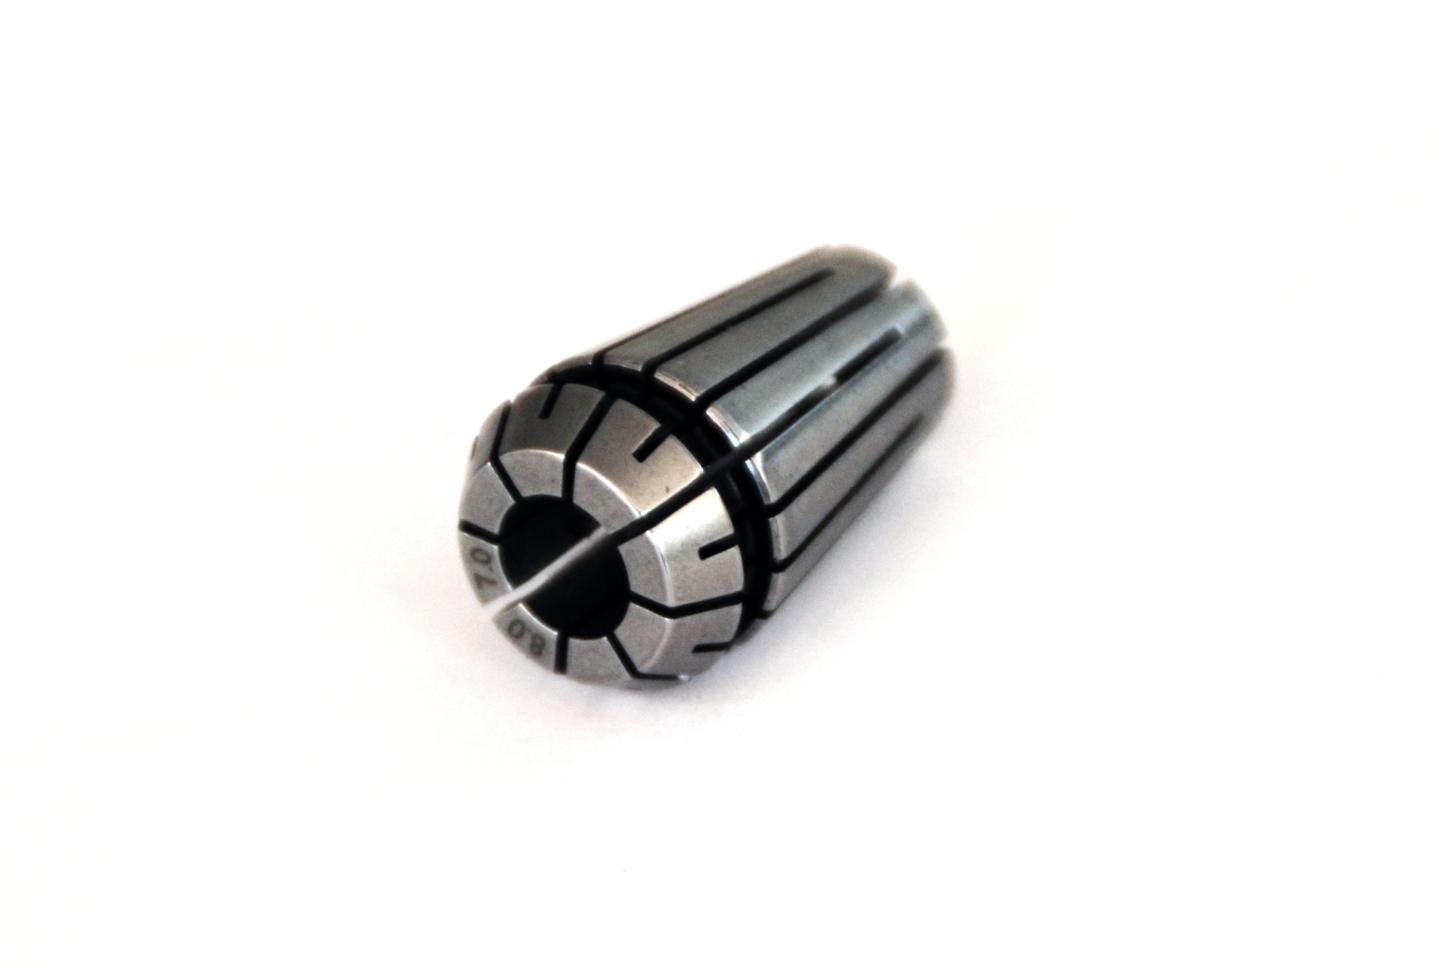 Spannzange ER20 428E DIN 6499 ISO 15488-B - verschiedene Durchmesser (A/B)